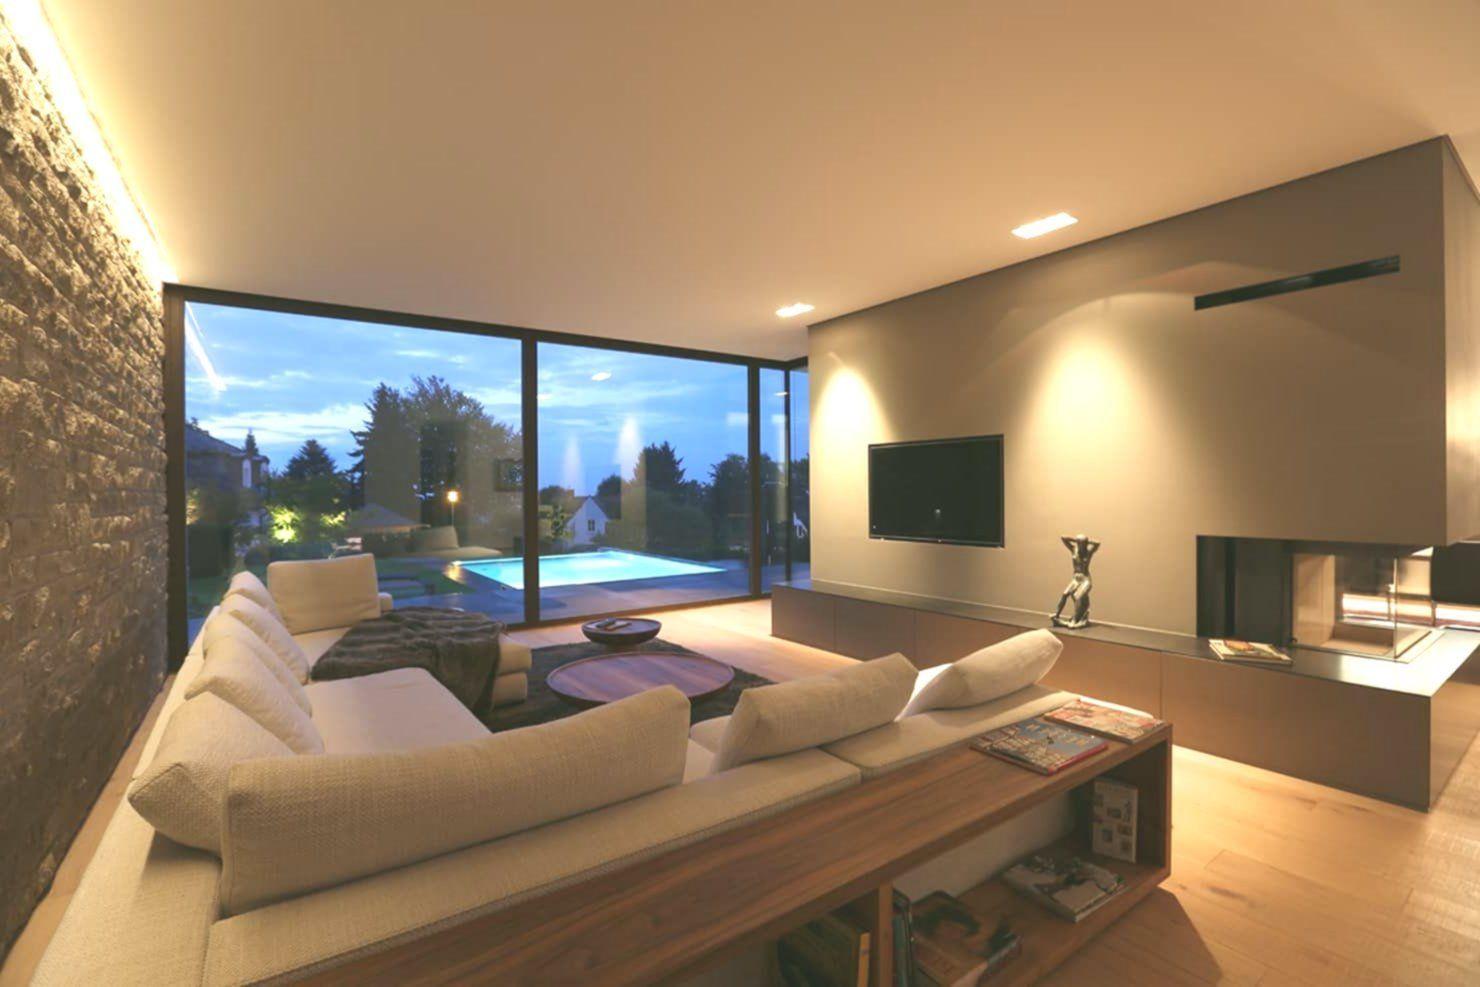 6+ Coolste Ideen für Wohnzimmer villen 6 in 66  Moderne lofts